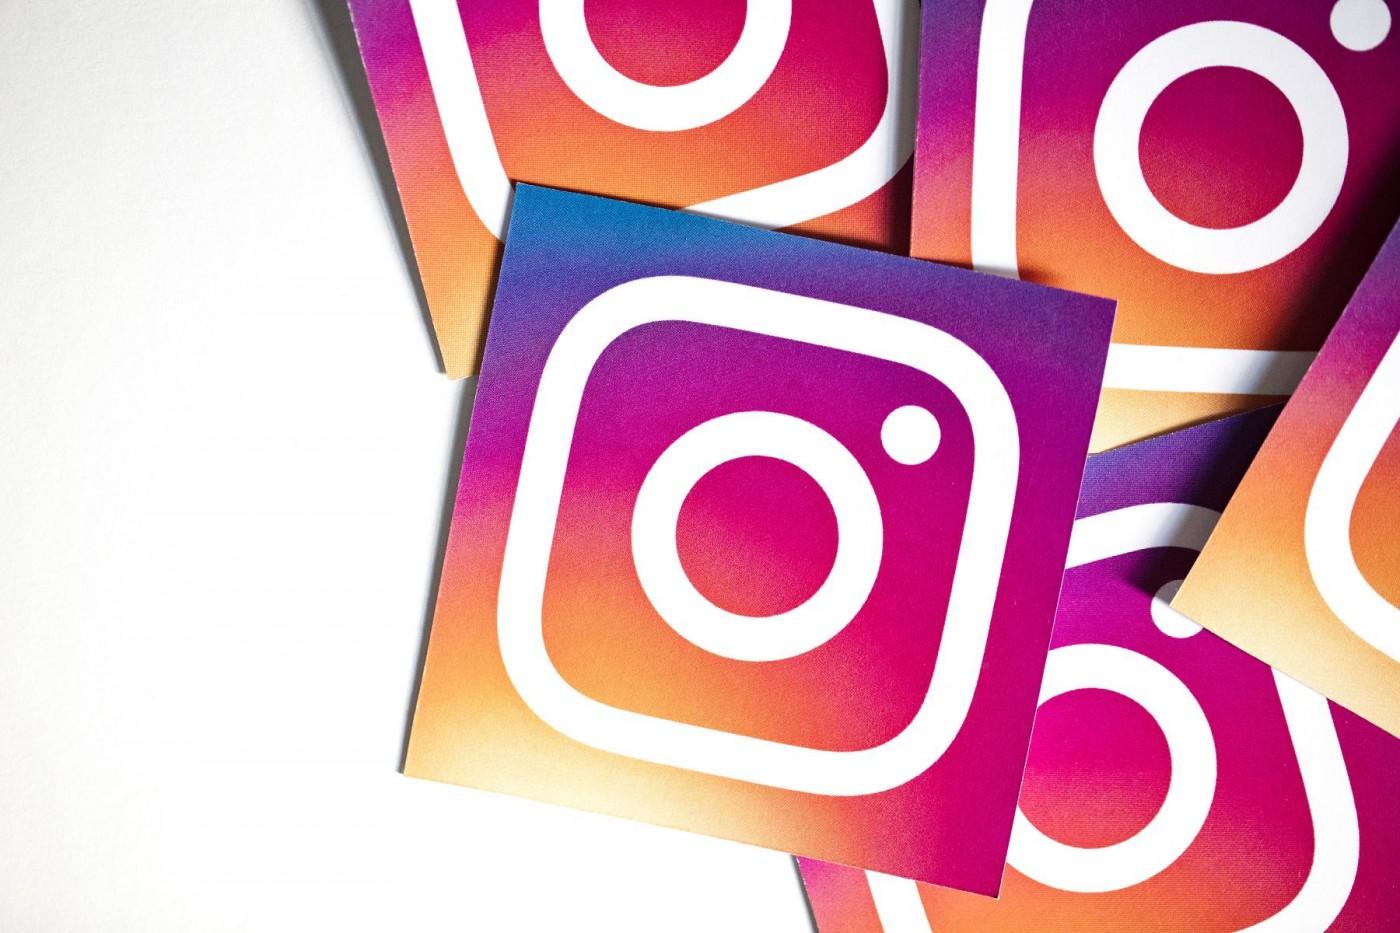 影片自動播放聲音到底是不是好設計?看看 Instagram 怎麼做